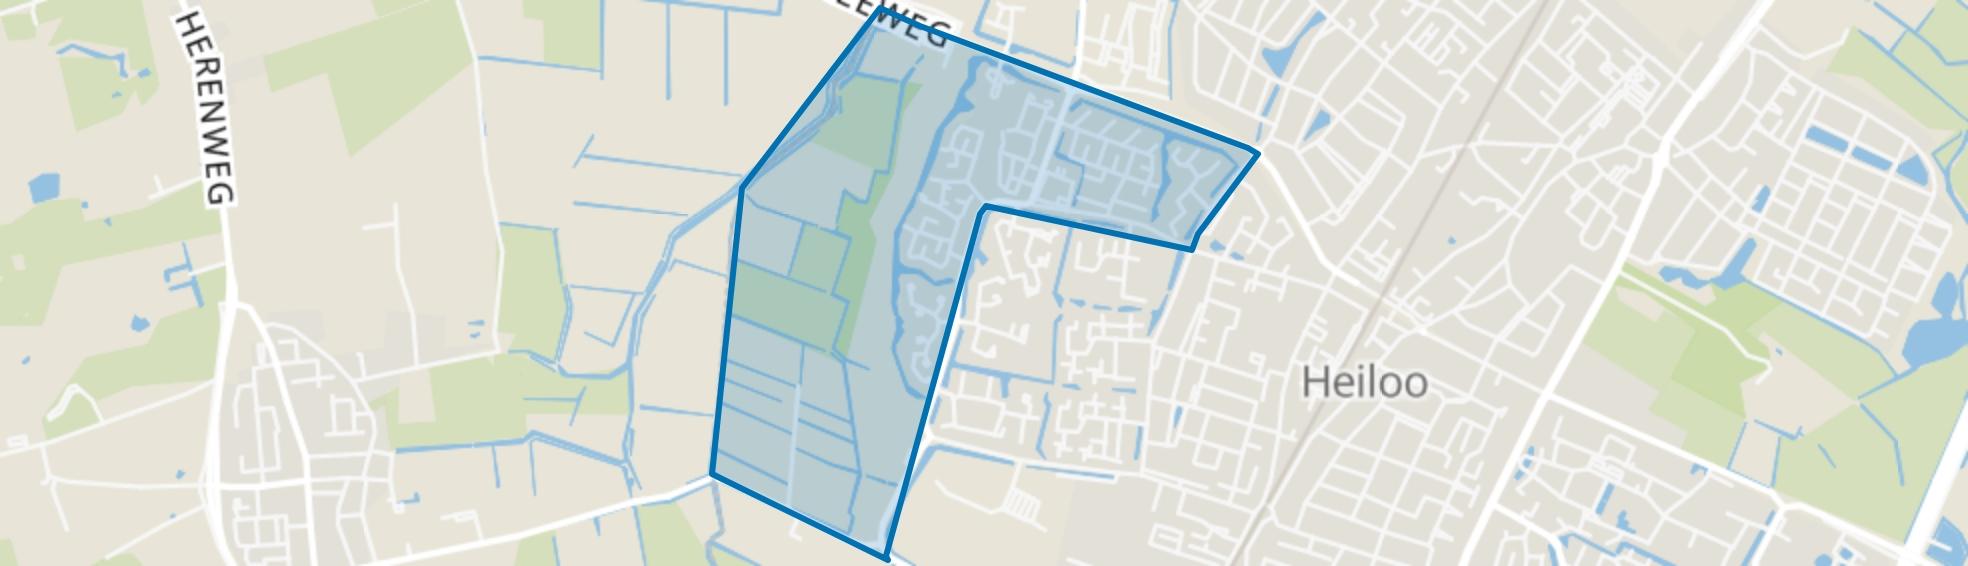 Zuiderneg, Heiloo map